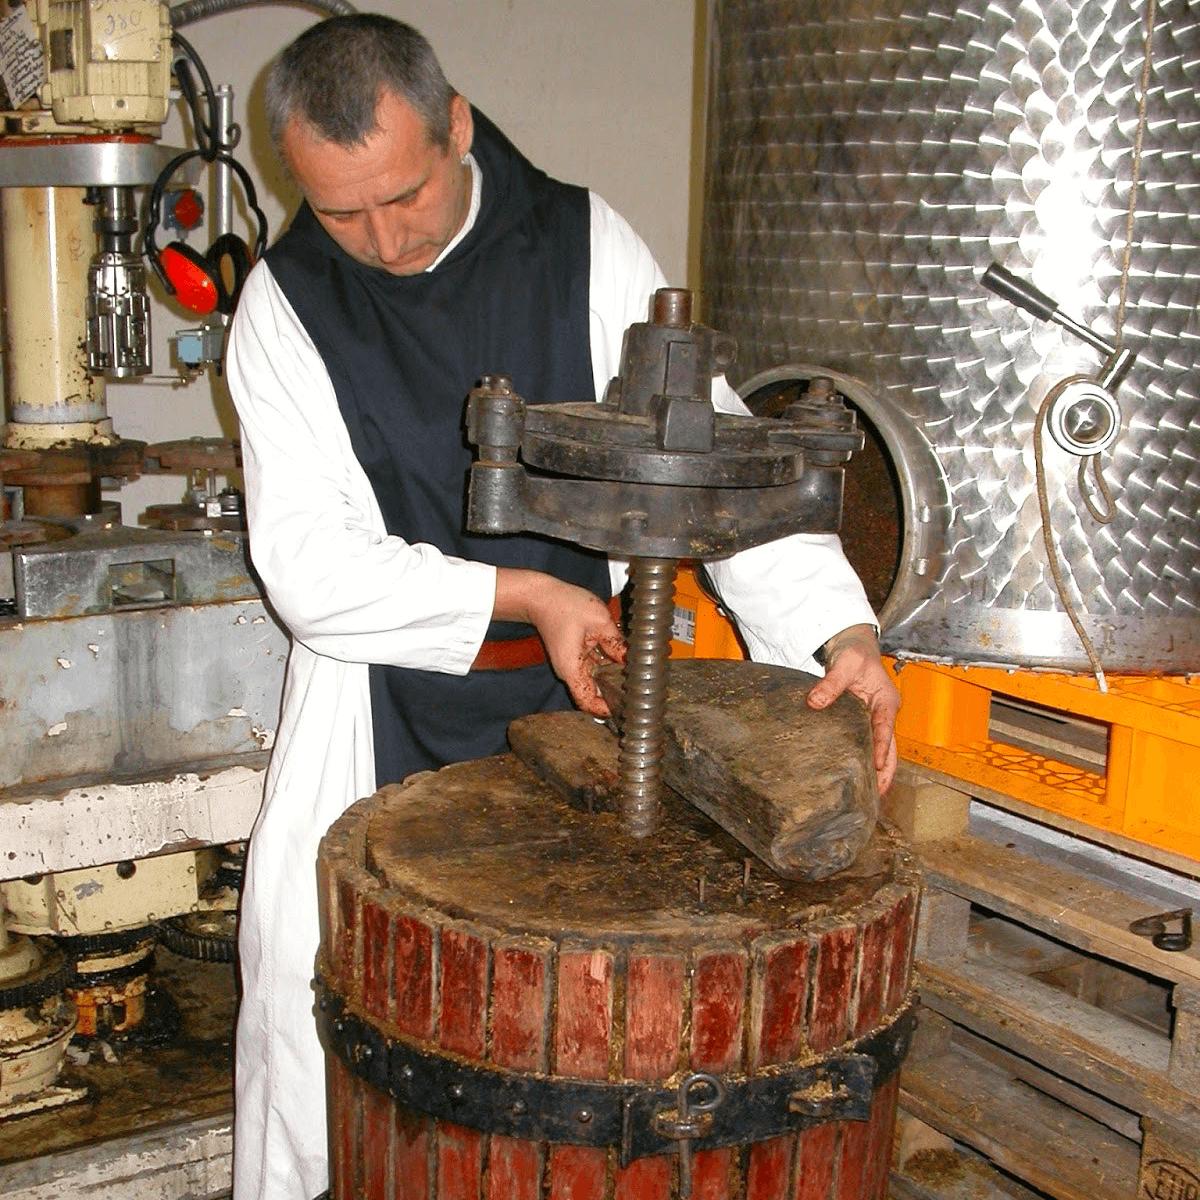 Un moine trappiste prépare de l'Alexion d'Aiguebelle